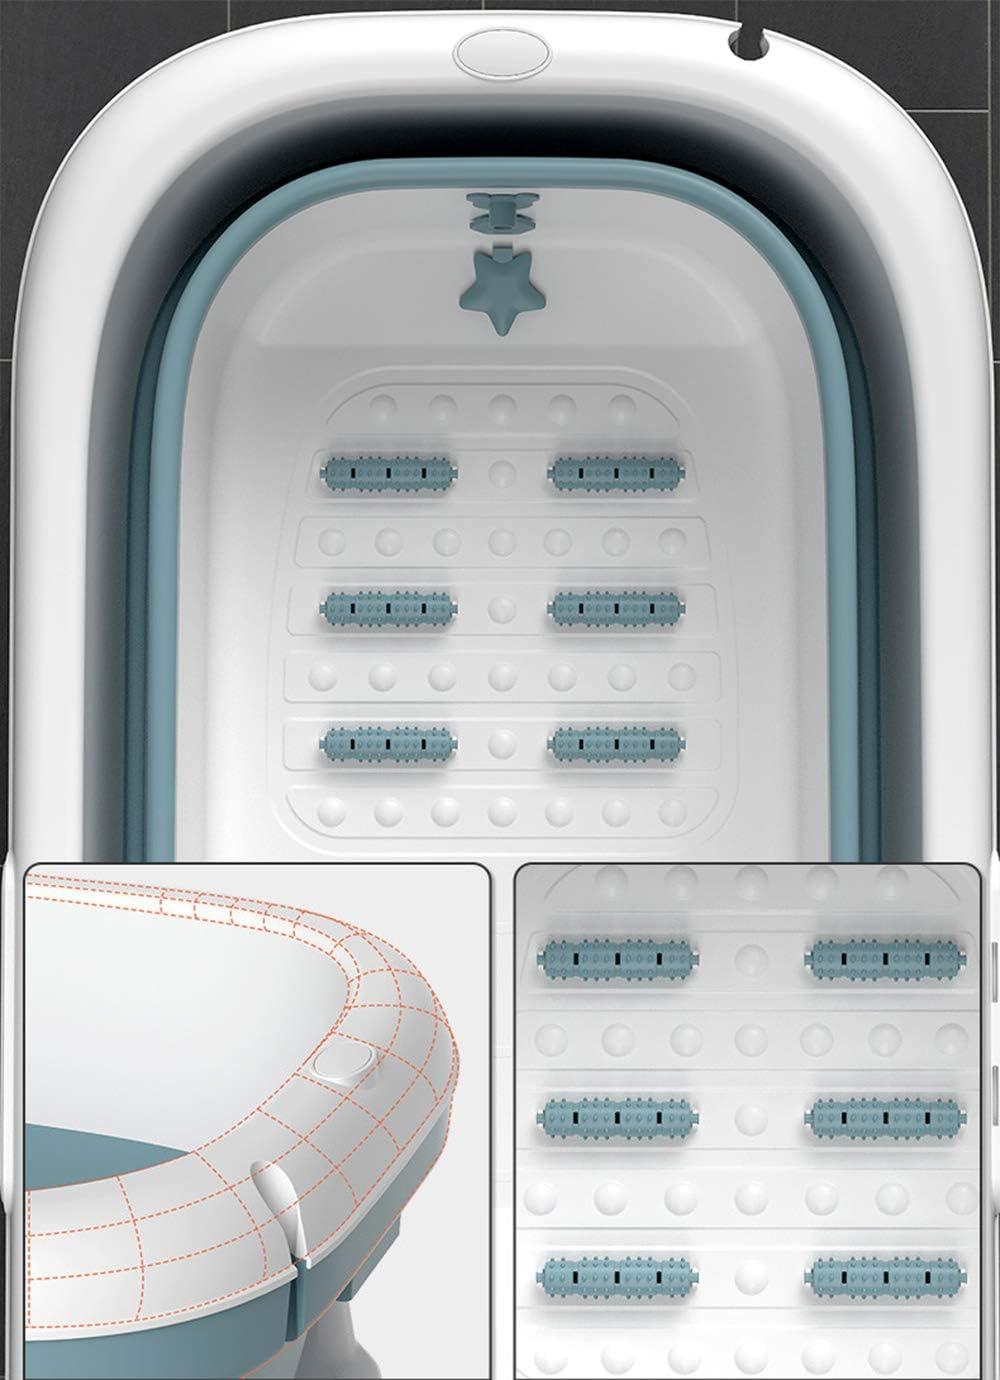 CKR Baignoire Pliable Adulte Baignoire Portable pour Adultes Grand Pliant en Plastique Baignoire Adulte Grand Plastique Baignoire pour Douche 140x62x54cm,Rose